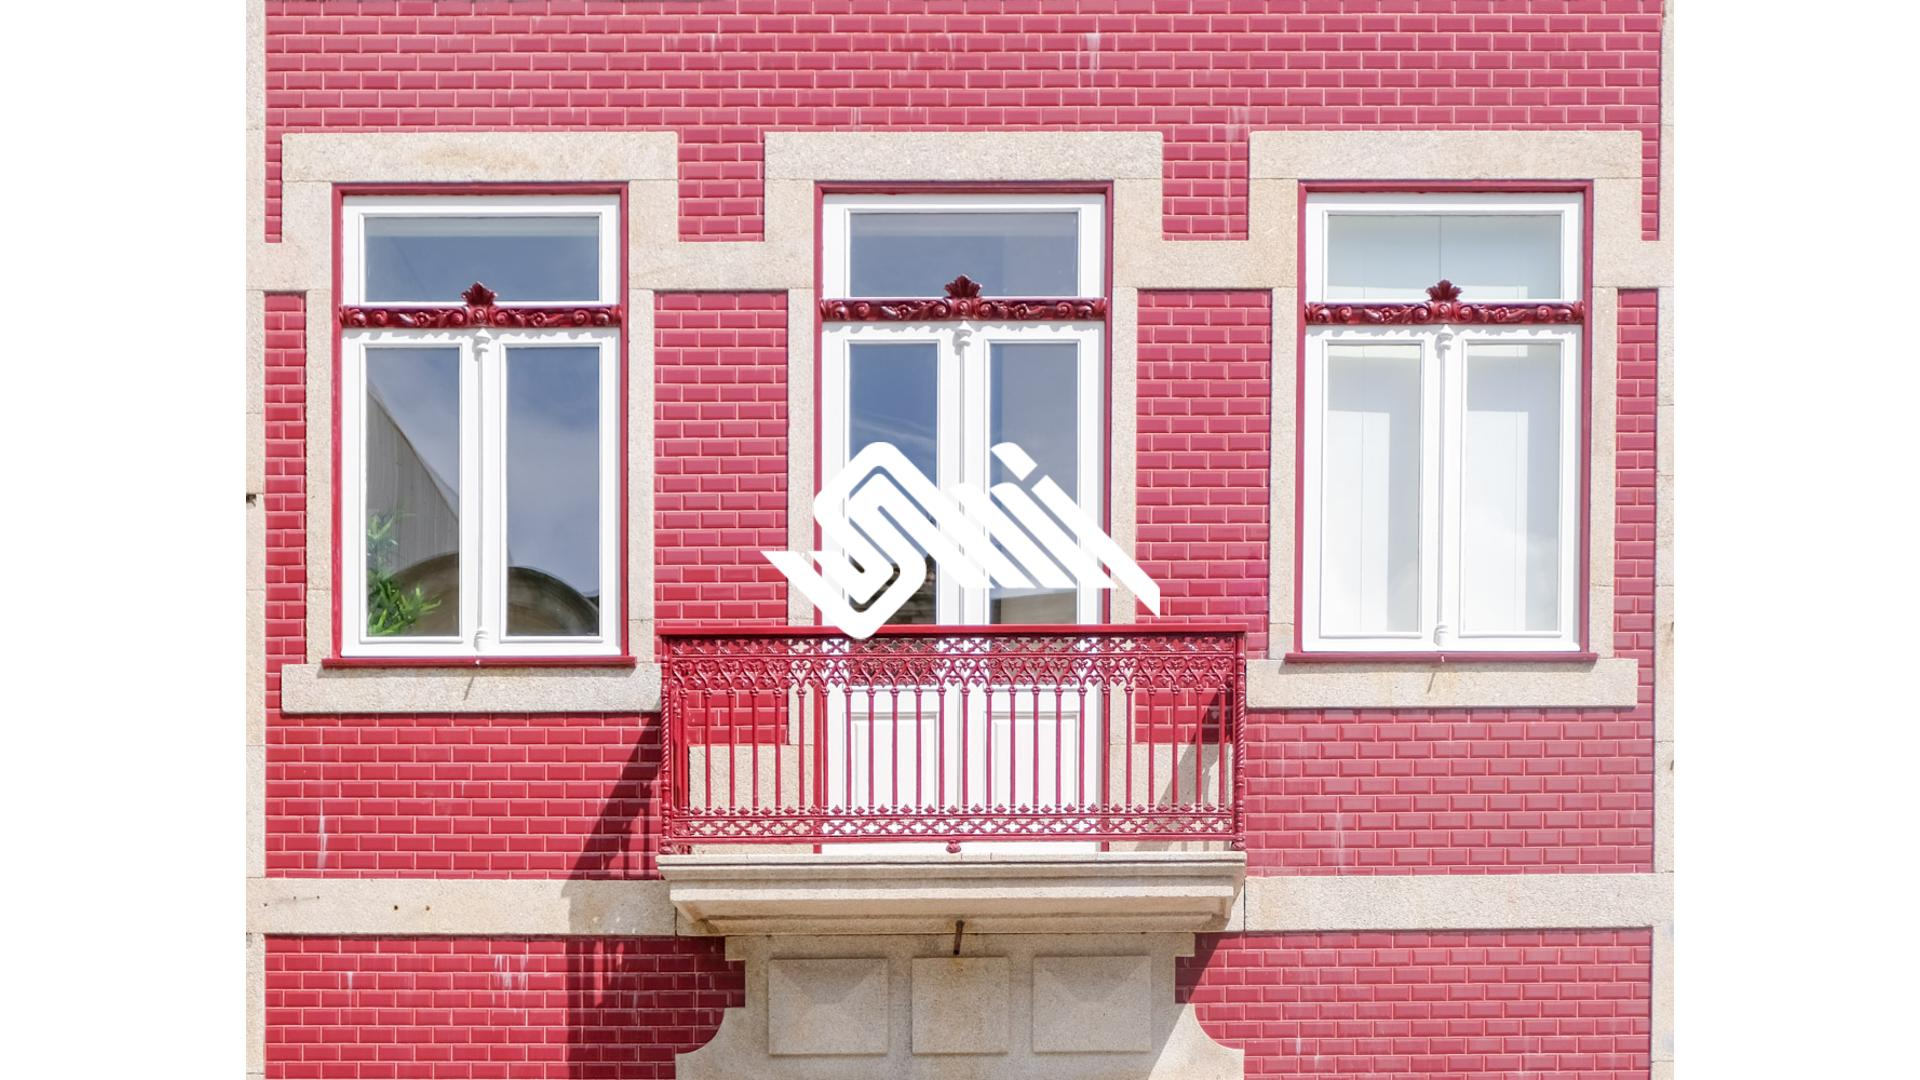 Apartamento T0 Baixa Porto  - Porto, UDF De Cedofeita, Santo Ildefonso, Sé, Miragaia, São Nicolau E Vitória